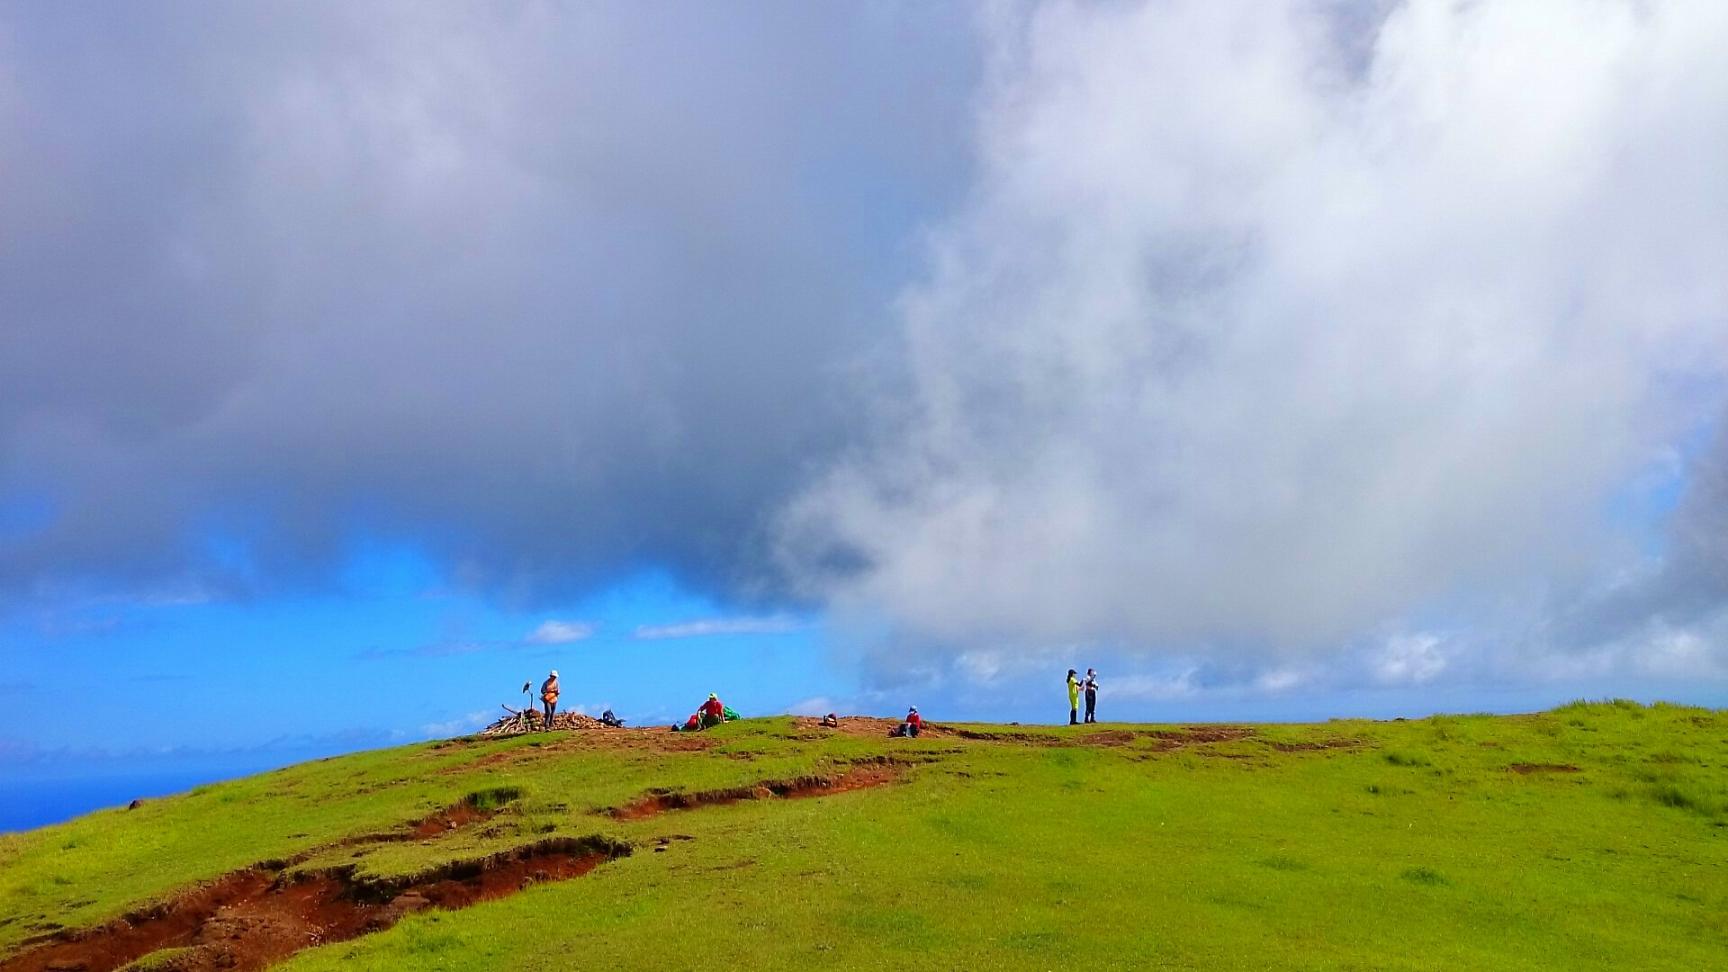 イースター島の最高点マウンガ・テレヴァカ(507m)(2日目)